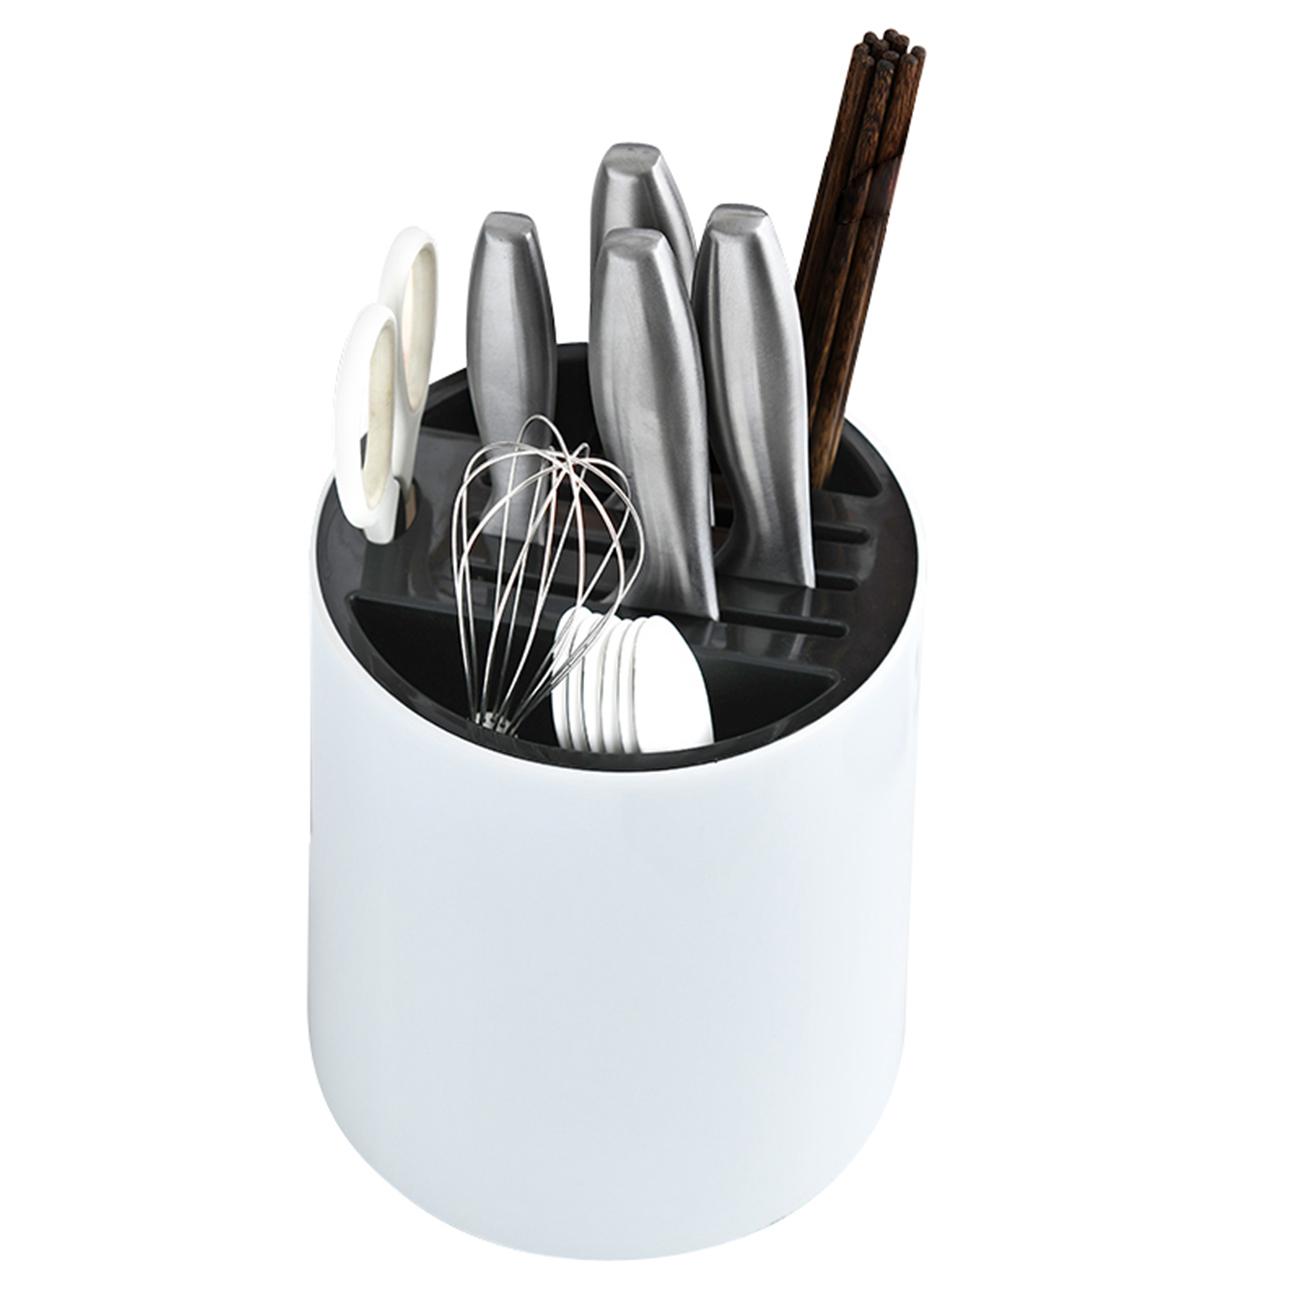 居家家多功能旋轉刀架廚房用品置物架放筷子籠筒一體插刀具收納盒